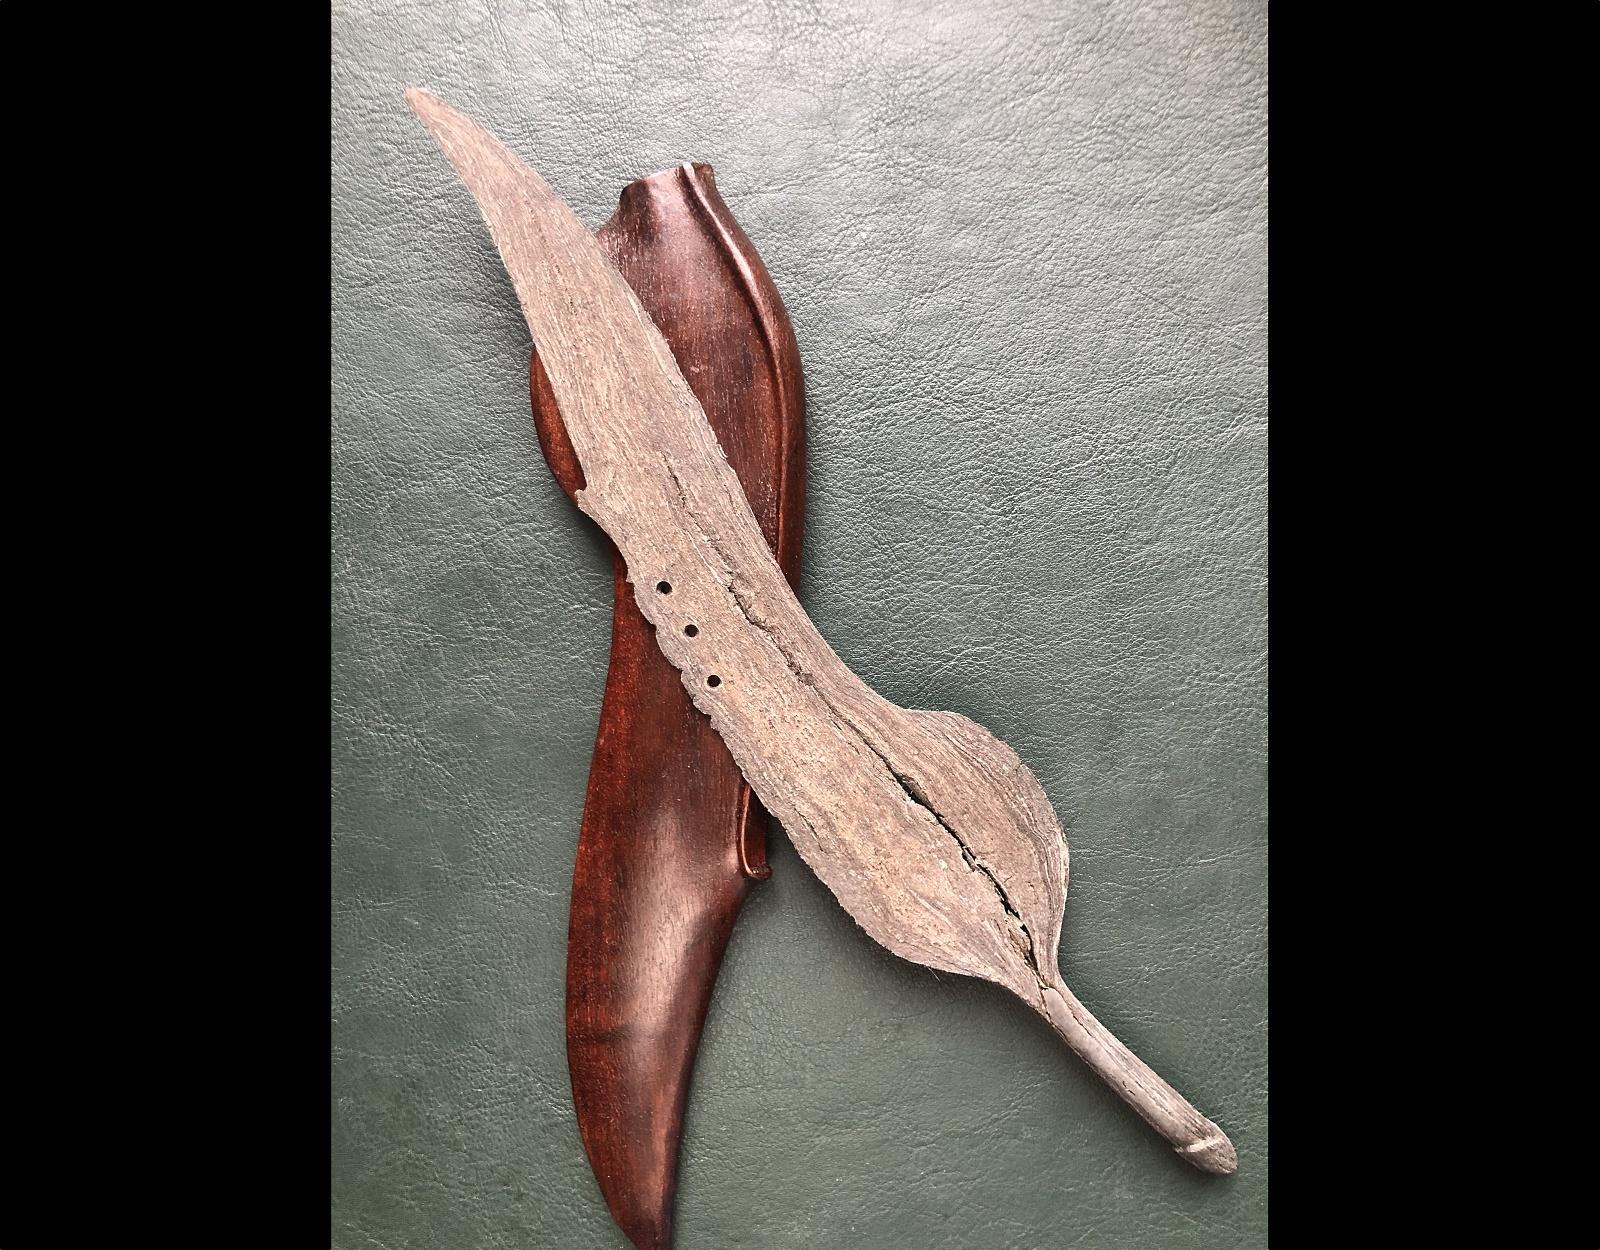 Нож Крис Sajen Kudi, Яньский артефакт. фото VipKeris